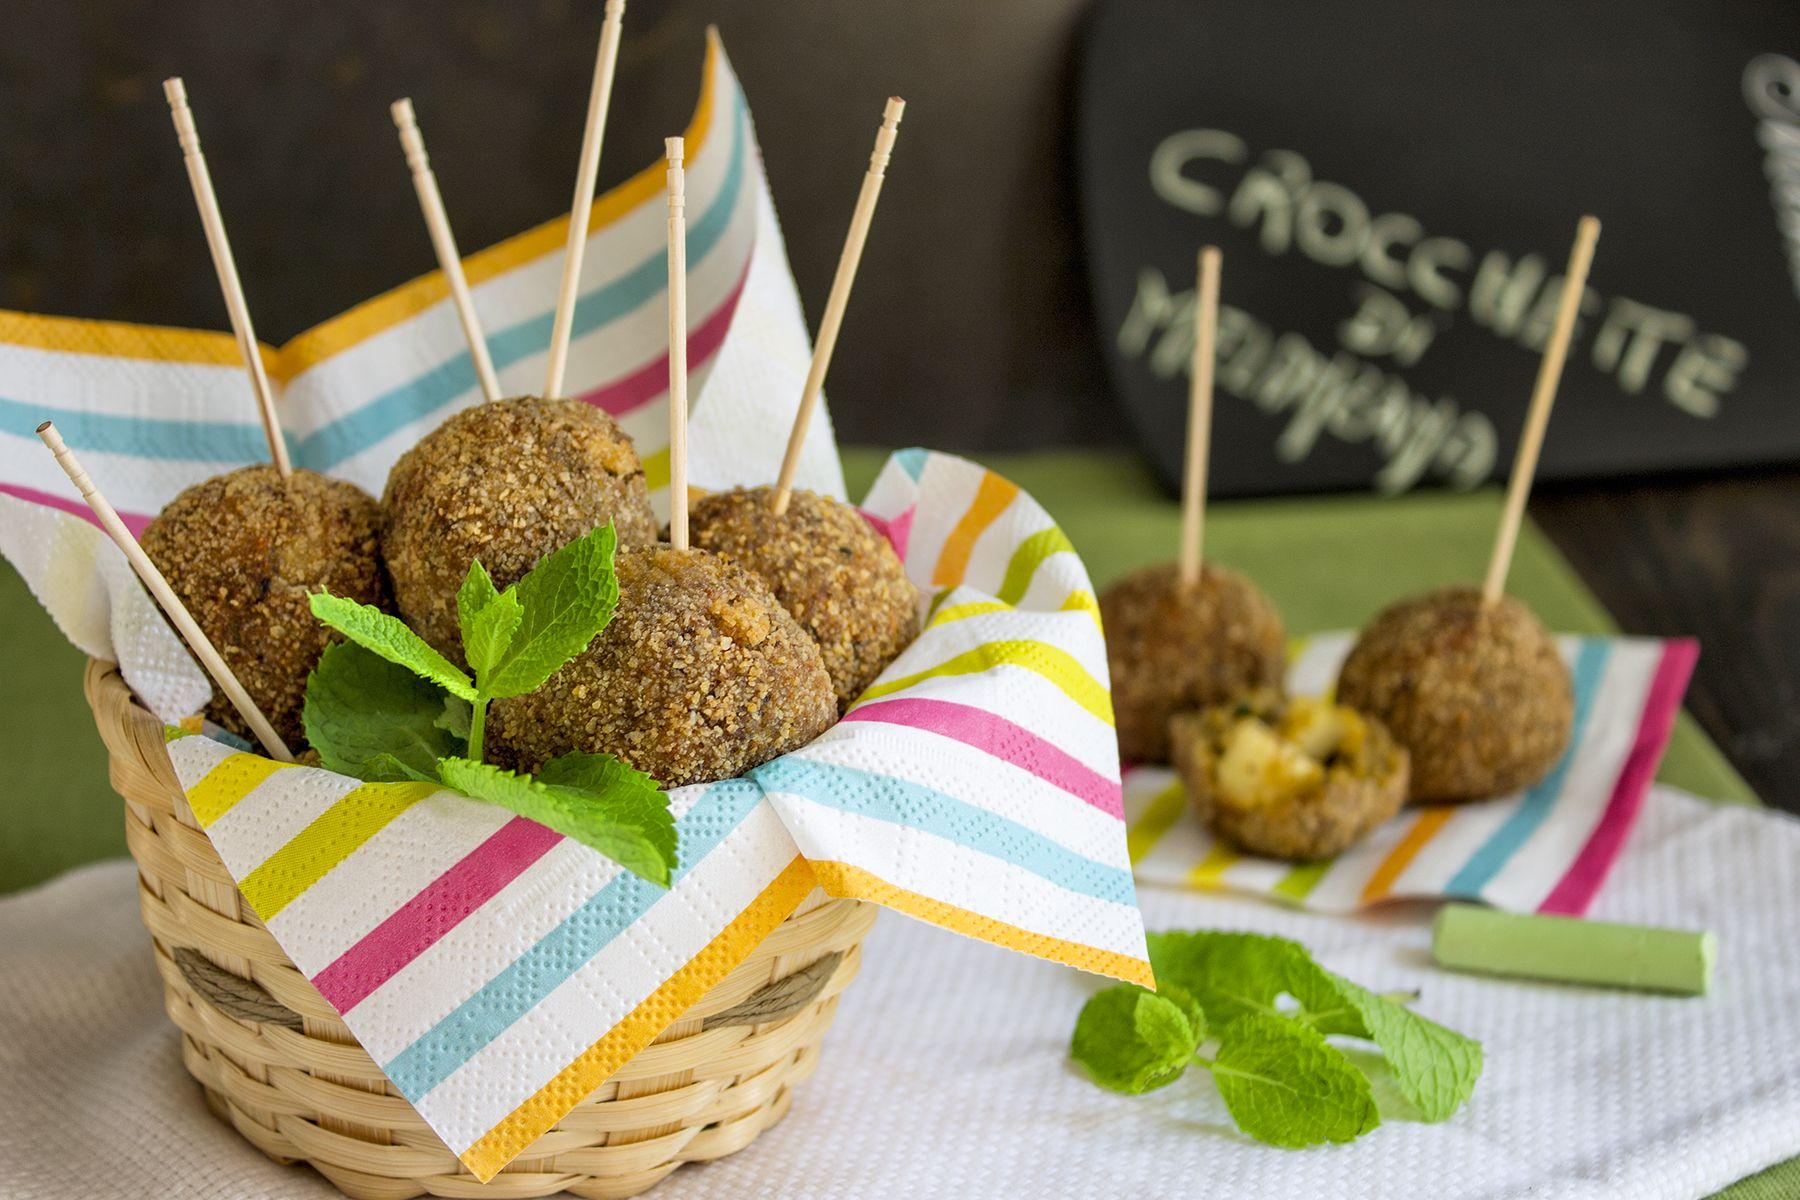 crocchette-di-melanzana-secondi-ricette-estive-contemporaneo-food